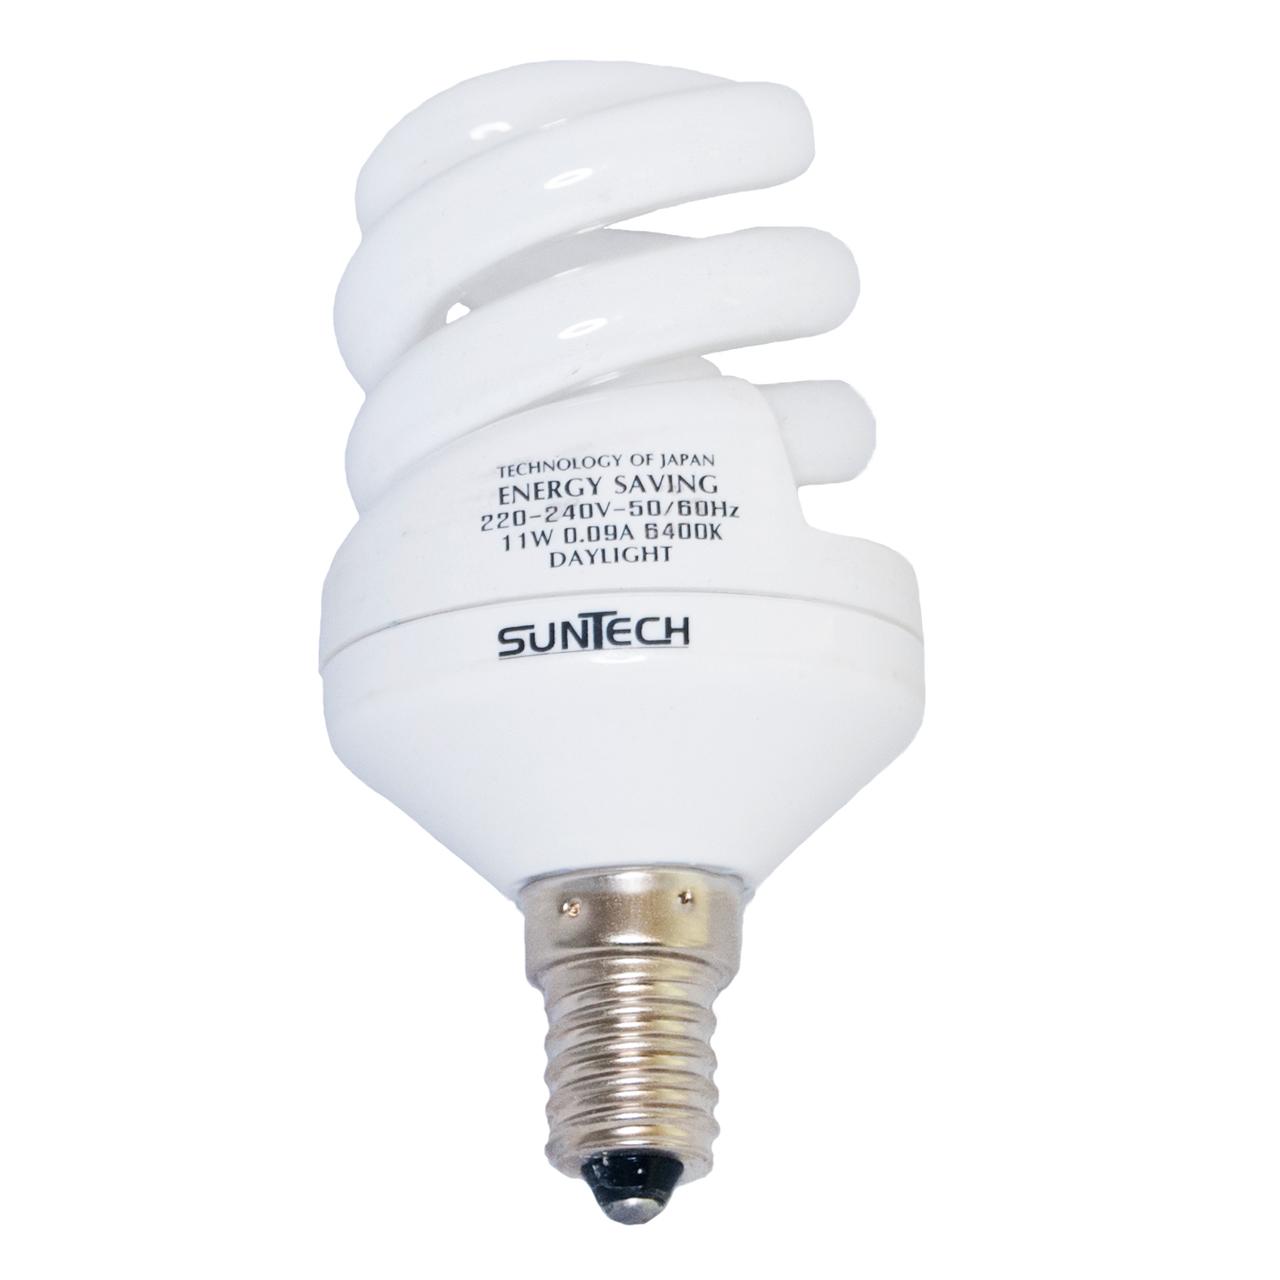 لامپ کم مصرف 11 وات سانتک مدل 925149 پایه E14